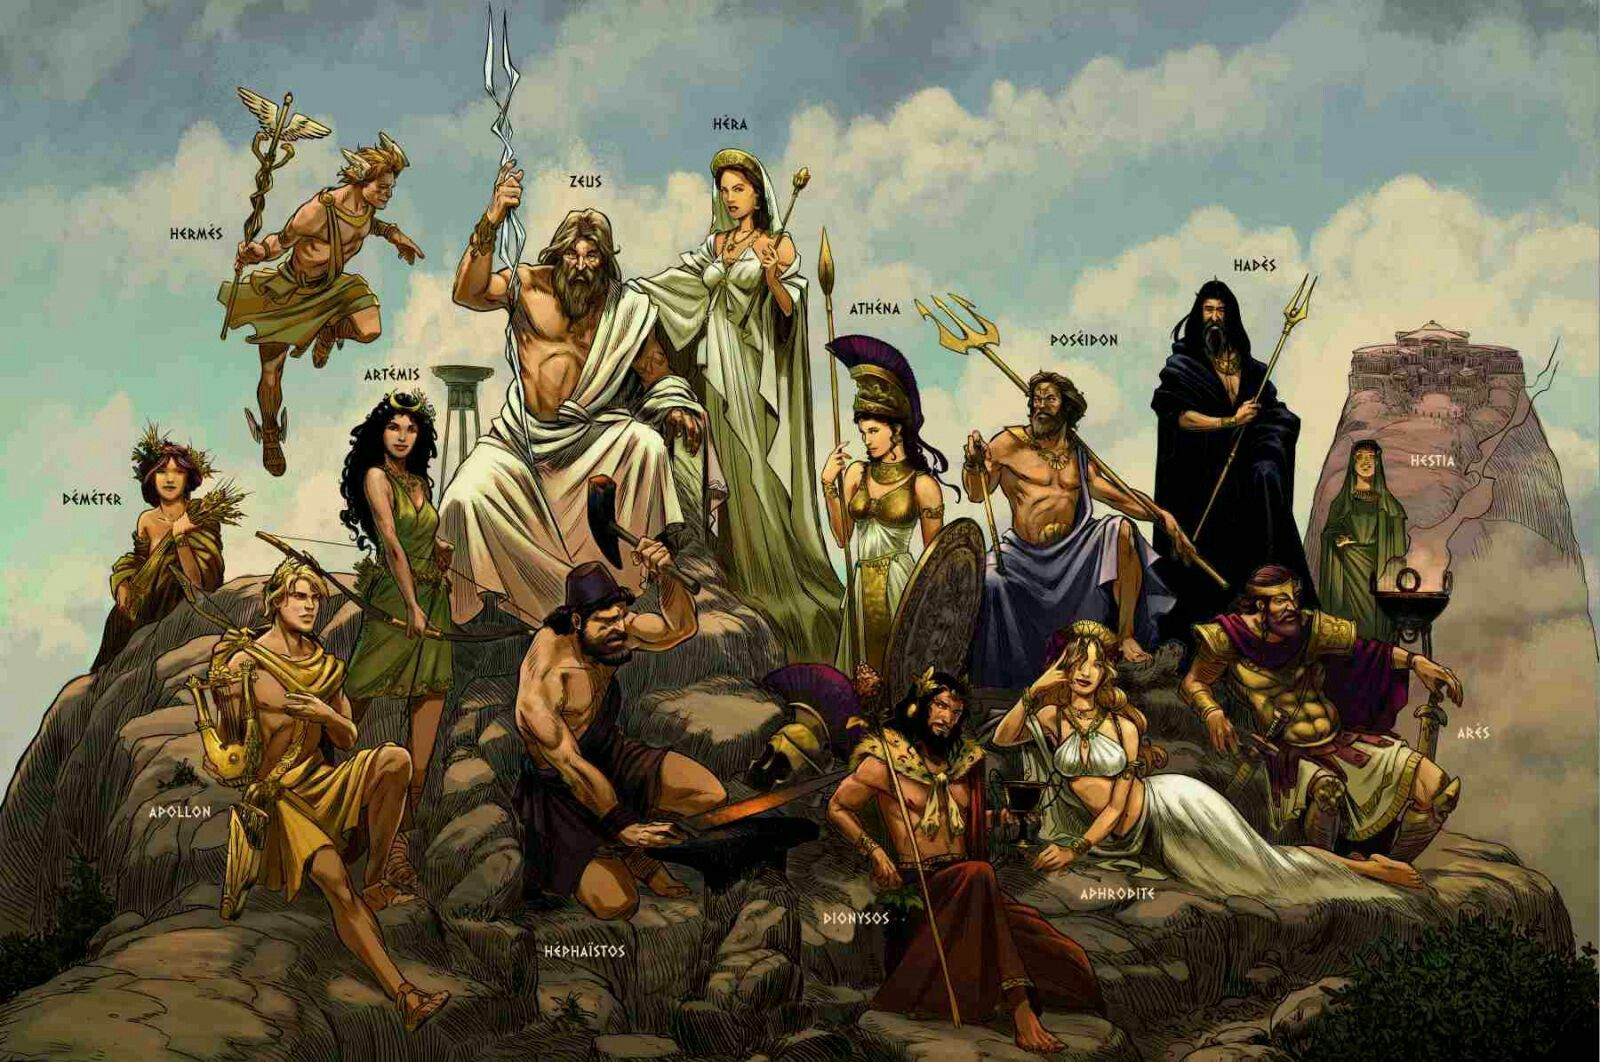 Greek deities